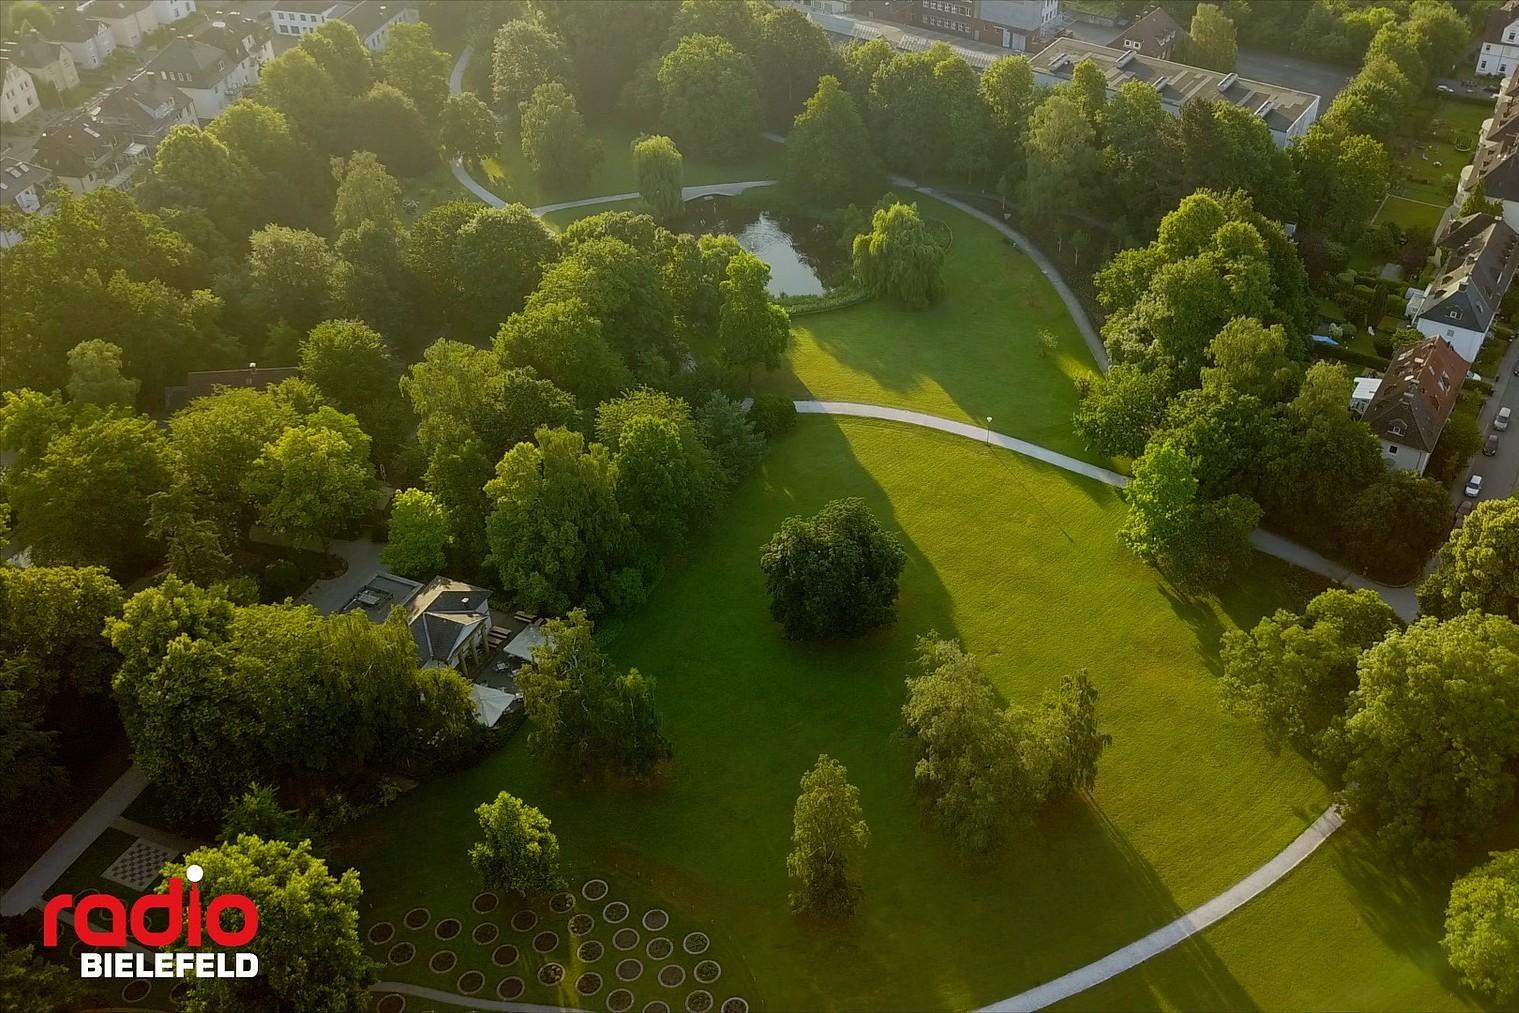 Der Nordpark in Bielefeld von oben